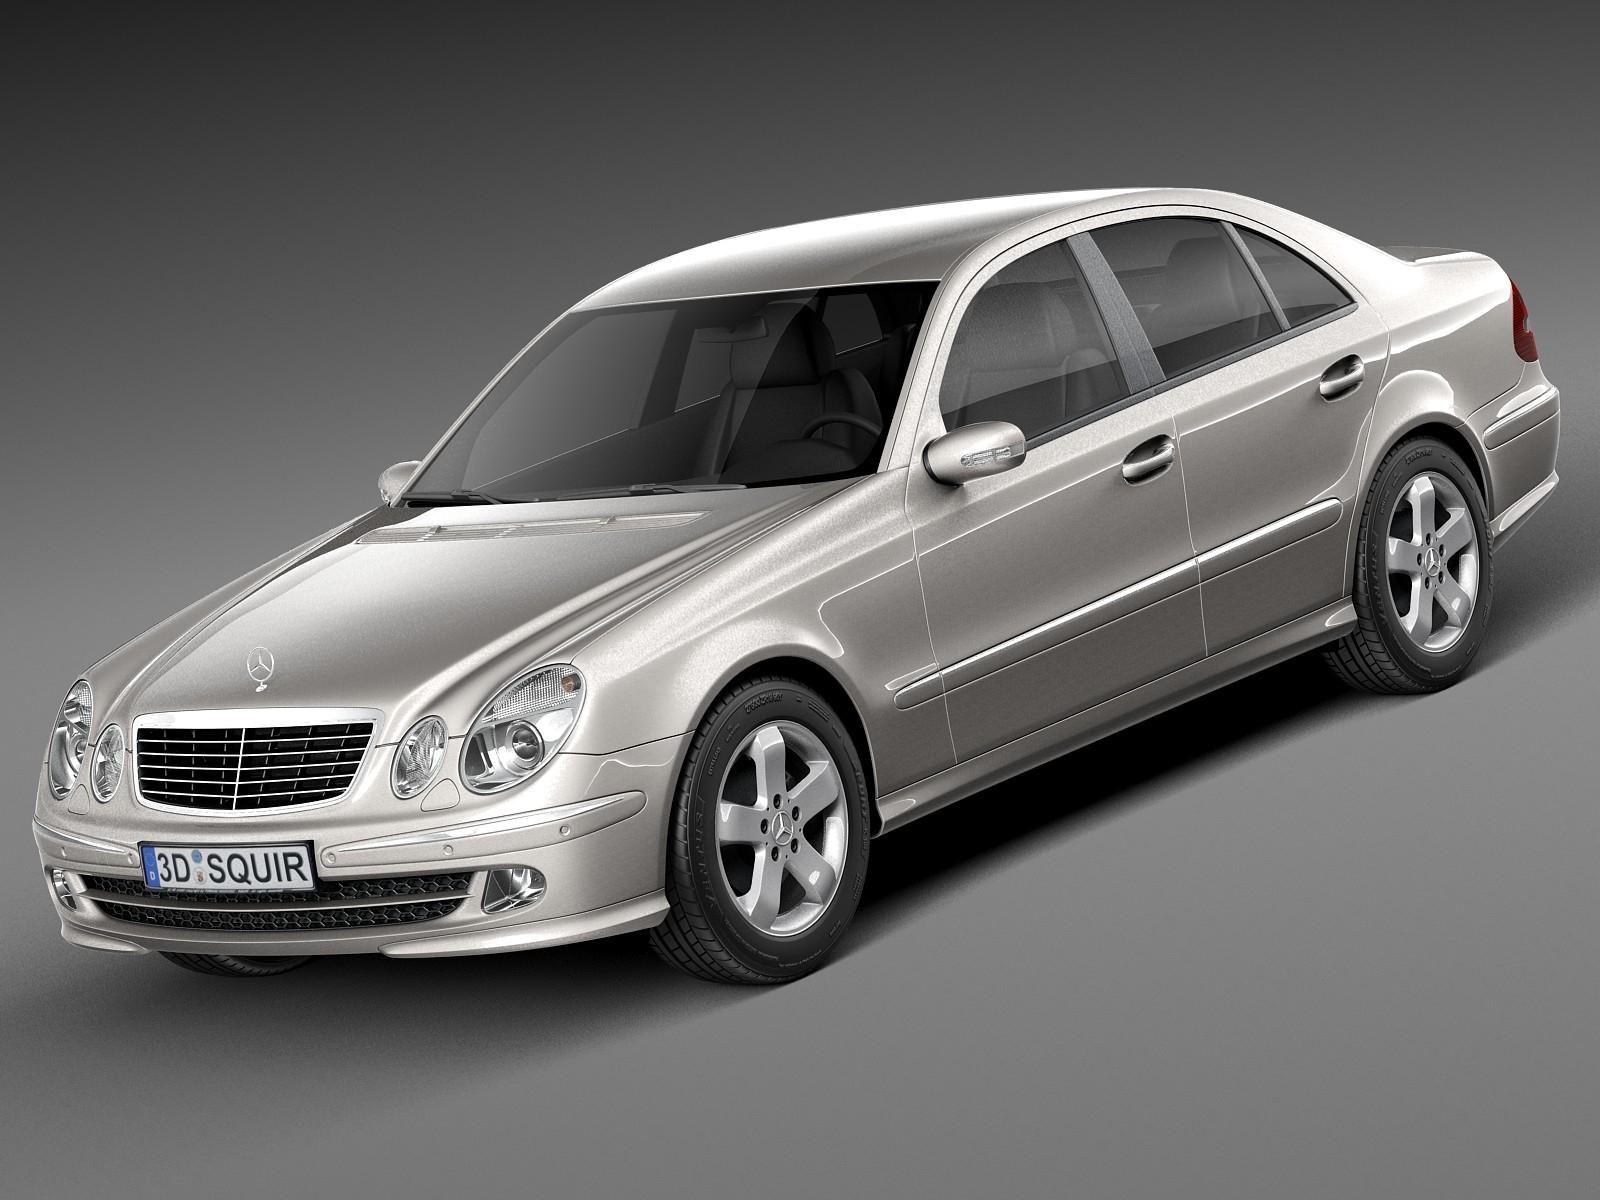 Mercedes Benz E Class W211 2002 2009 3d Model Ad Class Benz